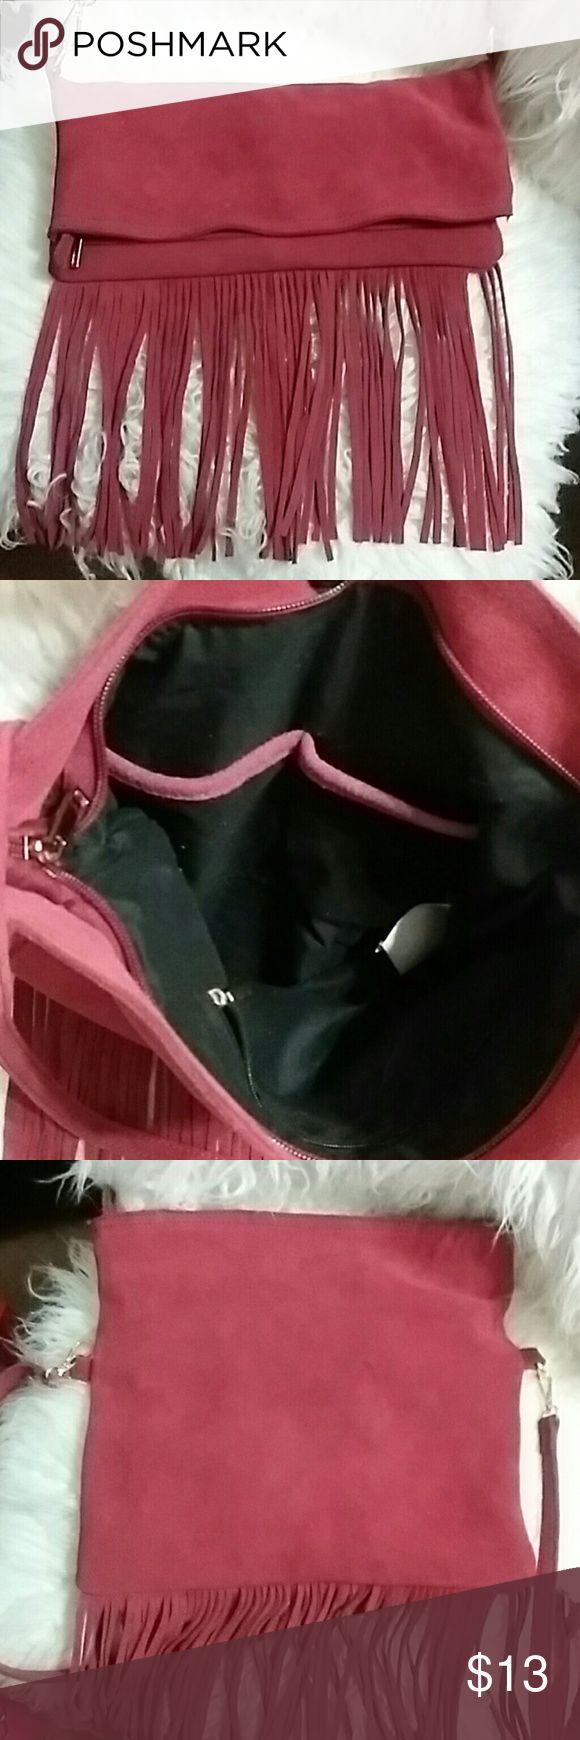 """Shoulder bag Red suede fringed shoulder bag. Fun concert bag. Bag is 13"""" wide, 7"""" deep when foded, 12"""" when opened and the fringe is 8"""" long Bags Shoulder Bags"""